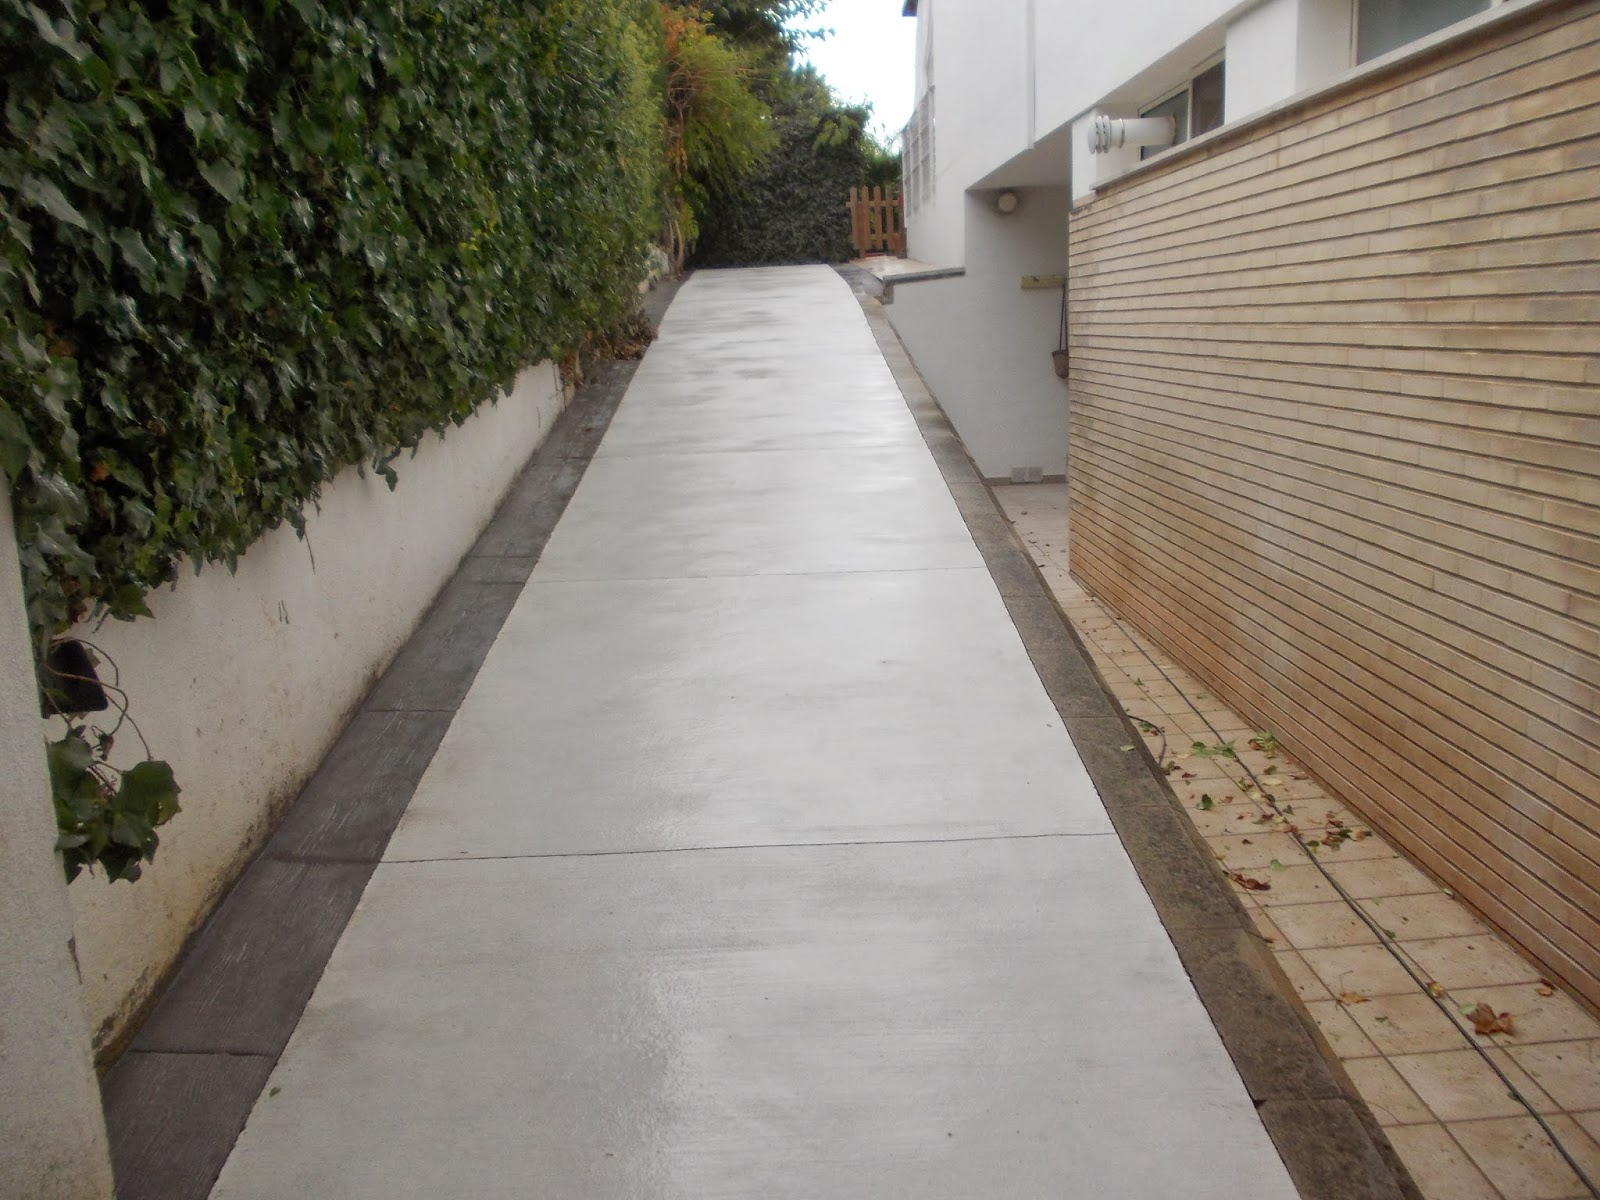 Barato granito chin s piso para exterior pavimento de - Pavimento para exterior ...